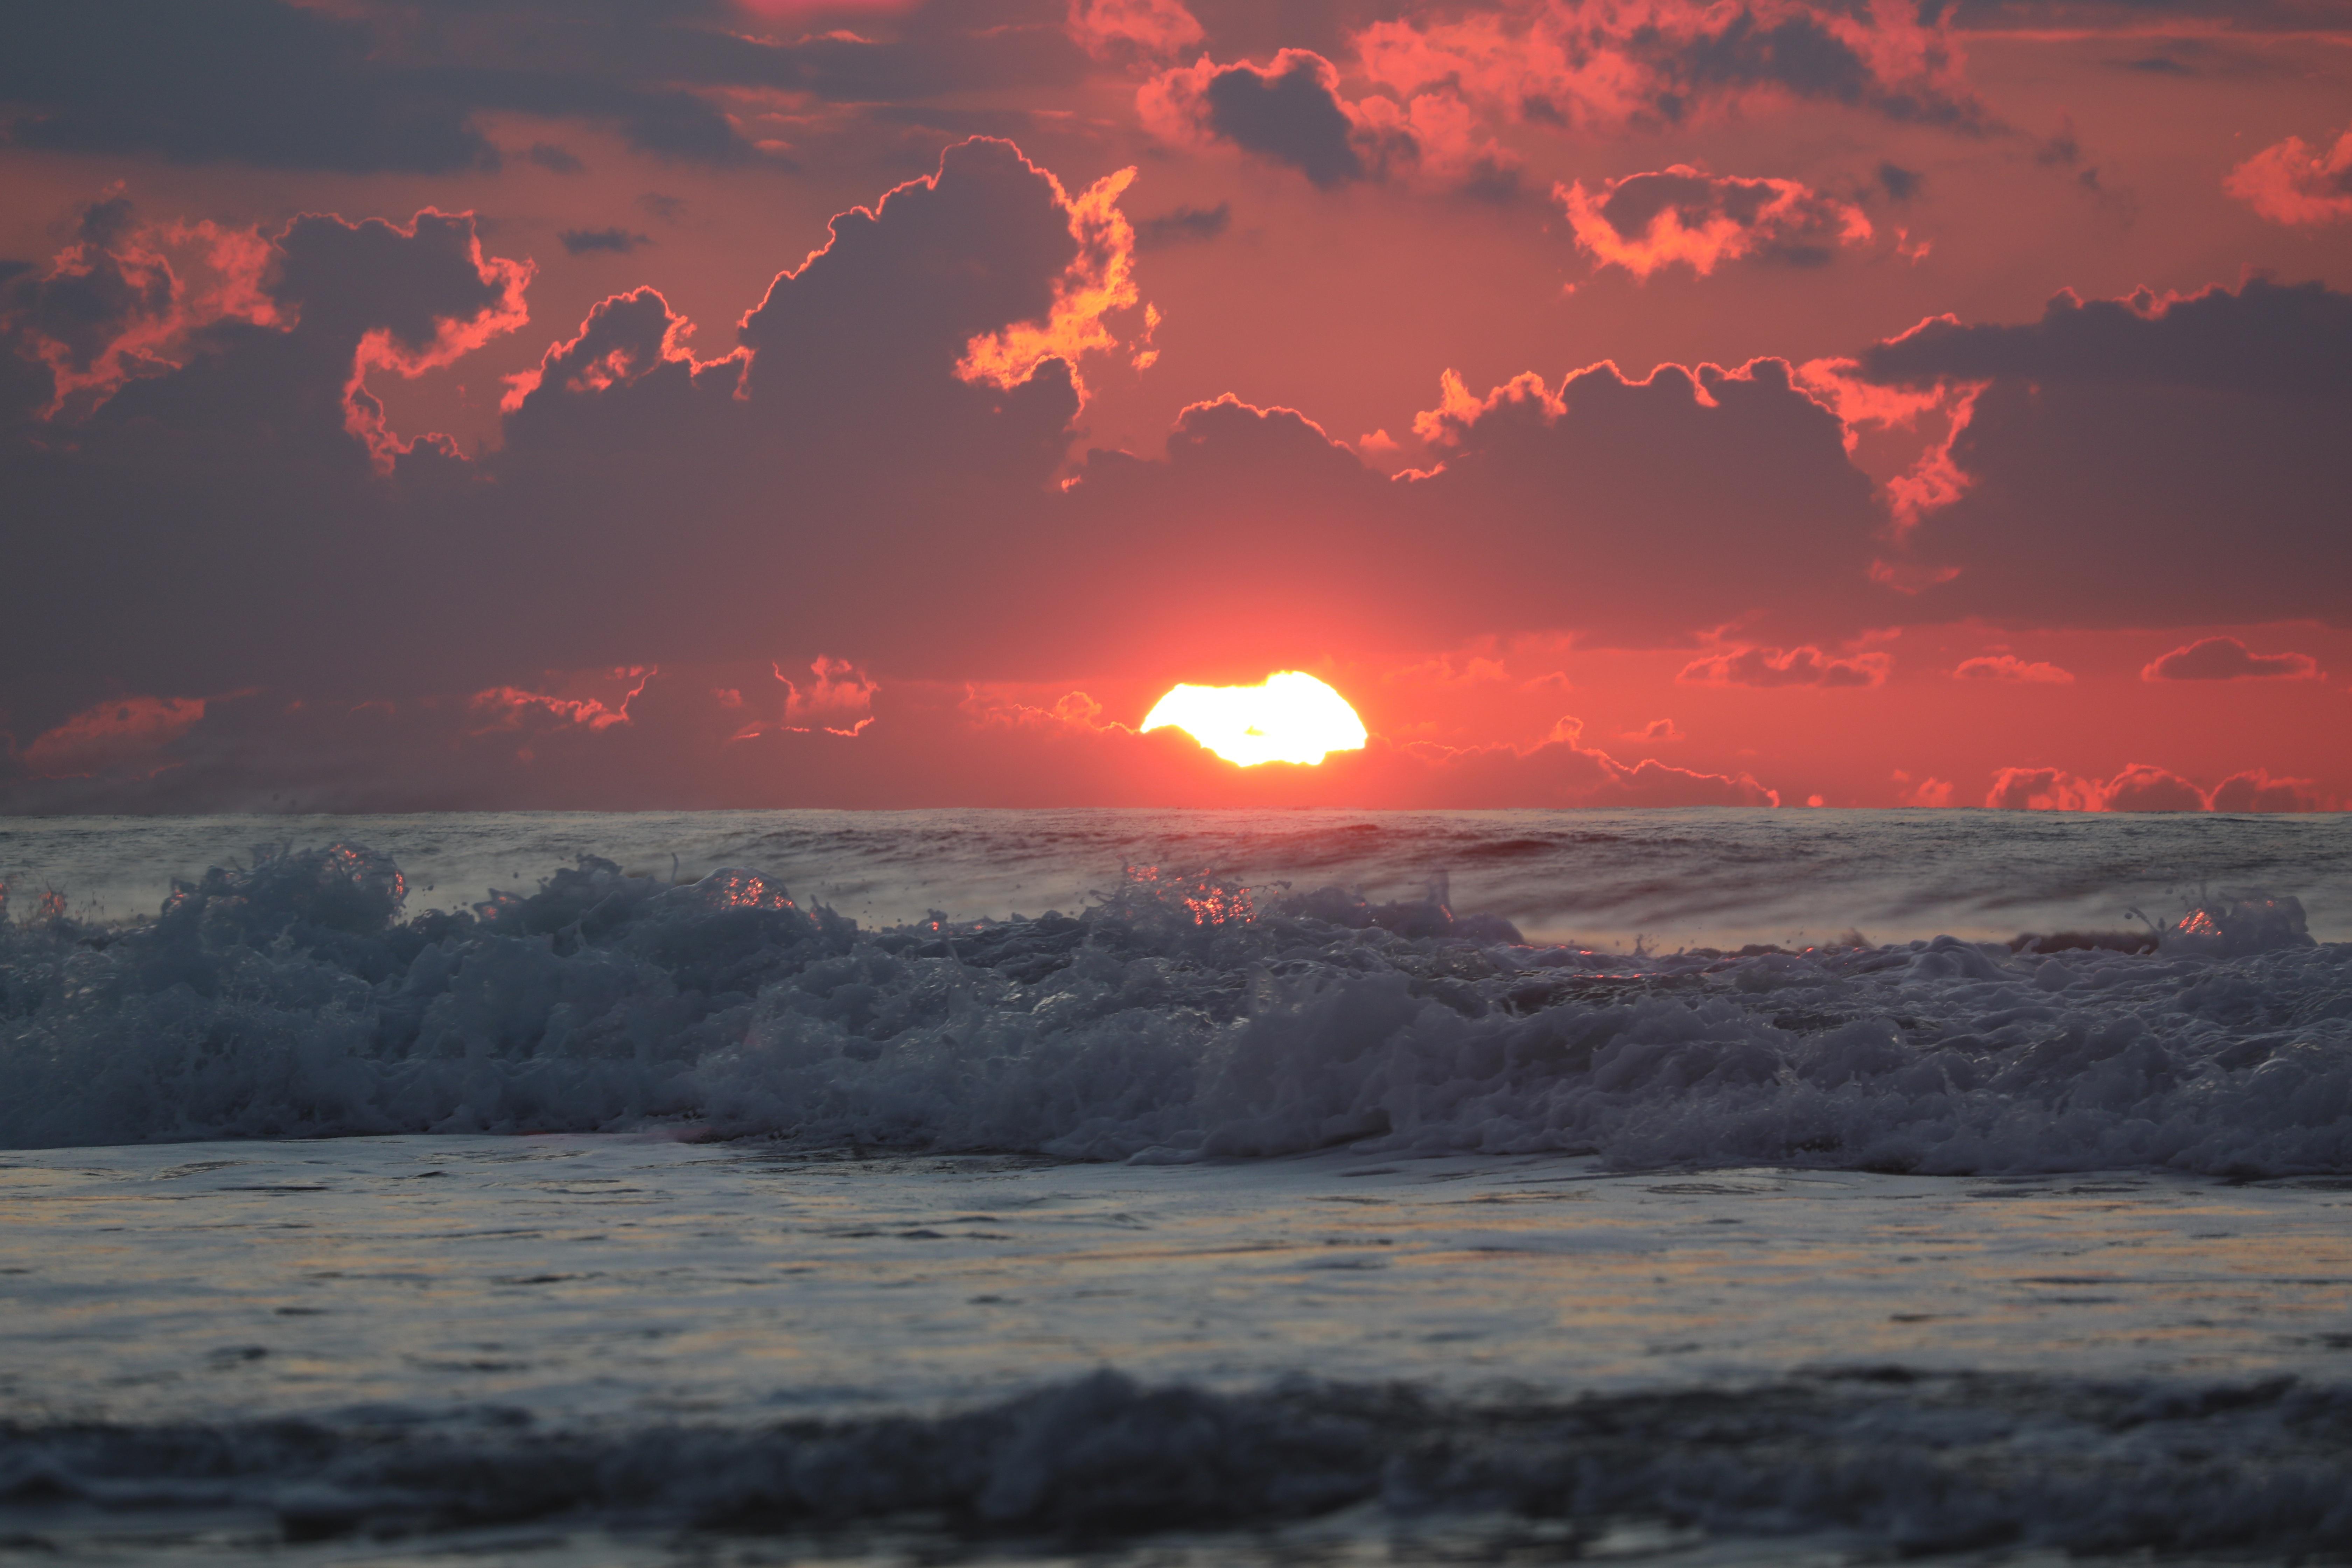 114479 Заставки и Обои Волны на телефон. Скачать Природа, Море, Горизонт, Закат, Облака, Волны, Солнце картинки бесплатно